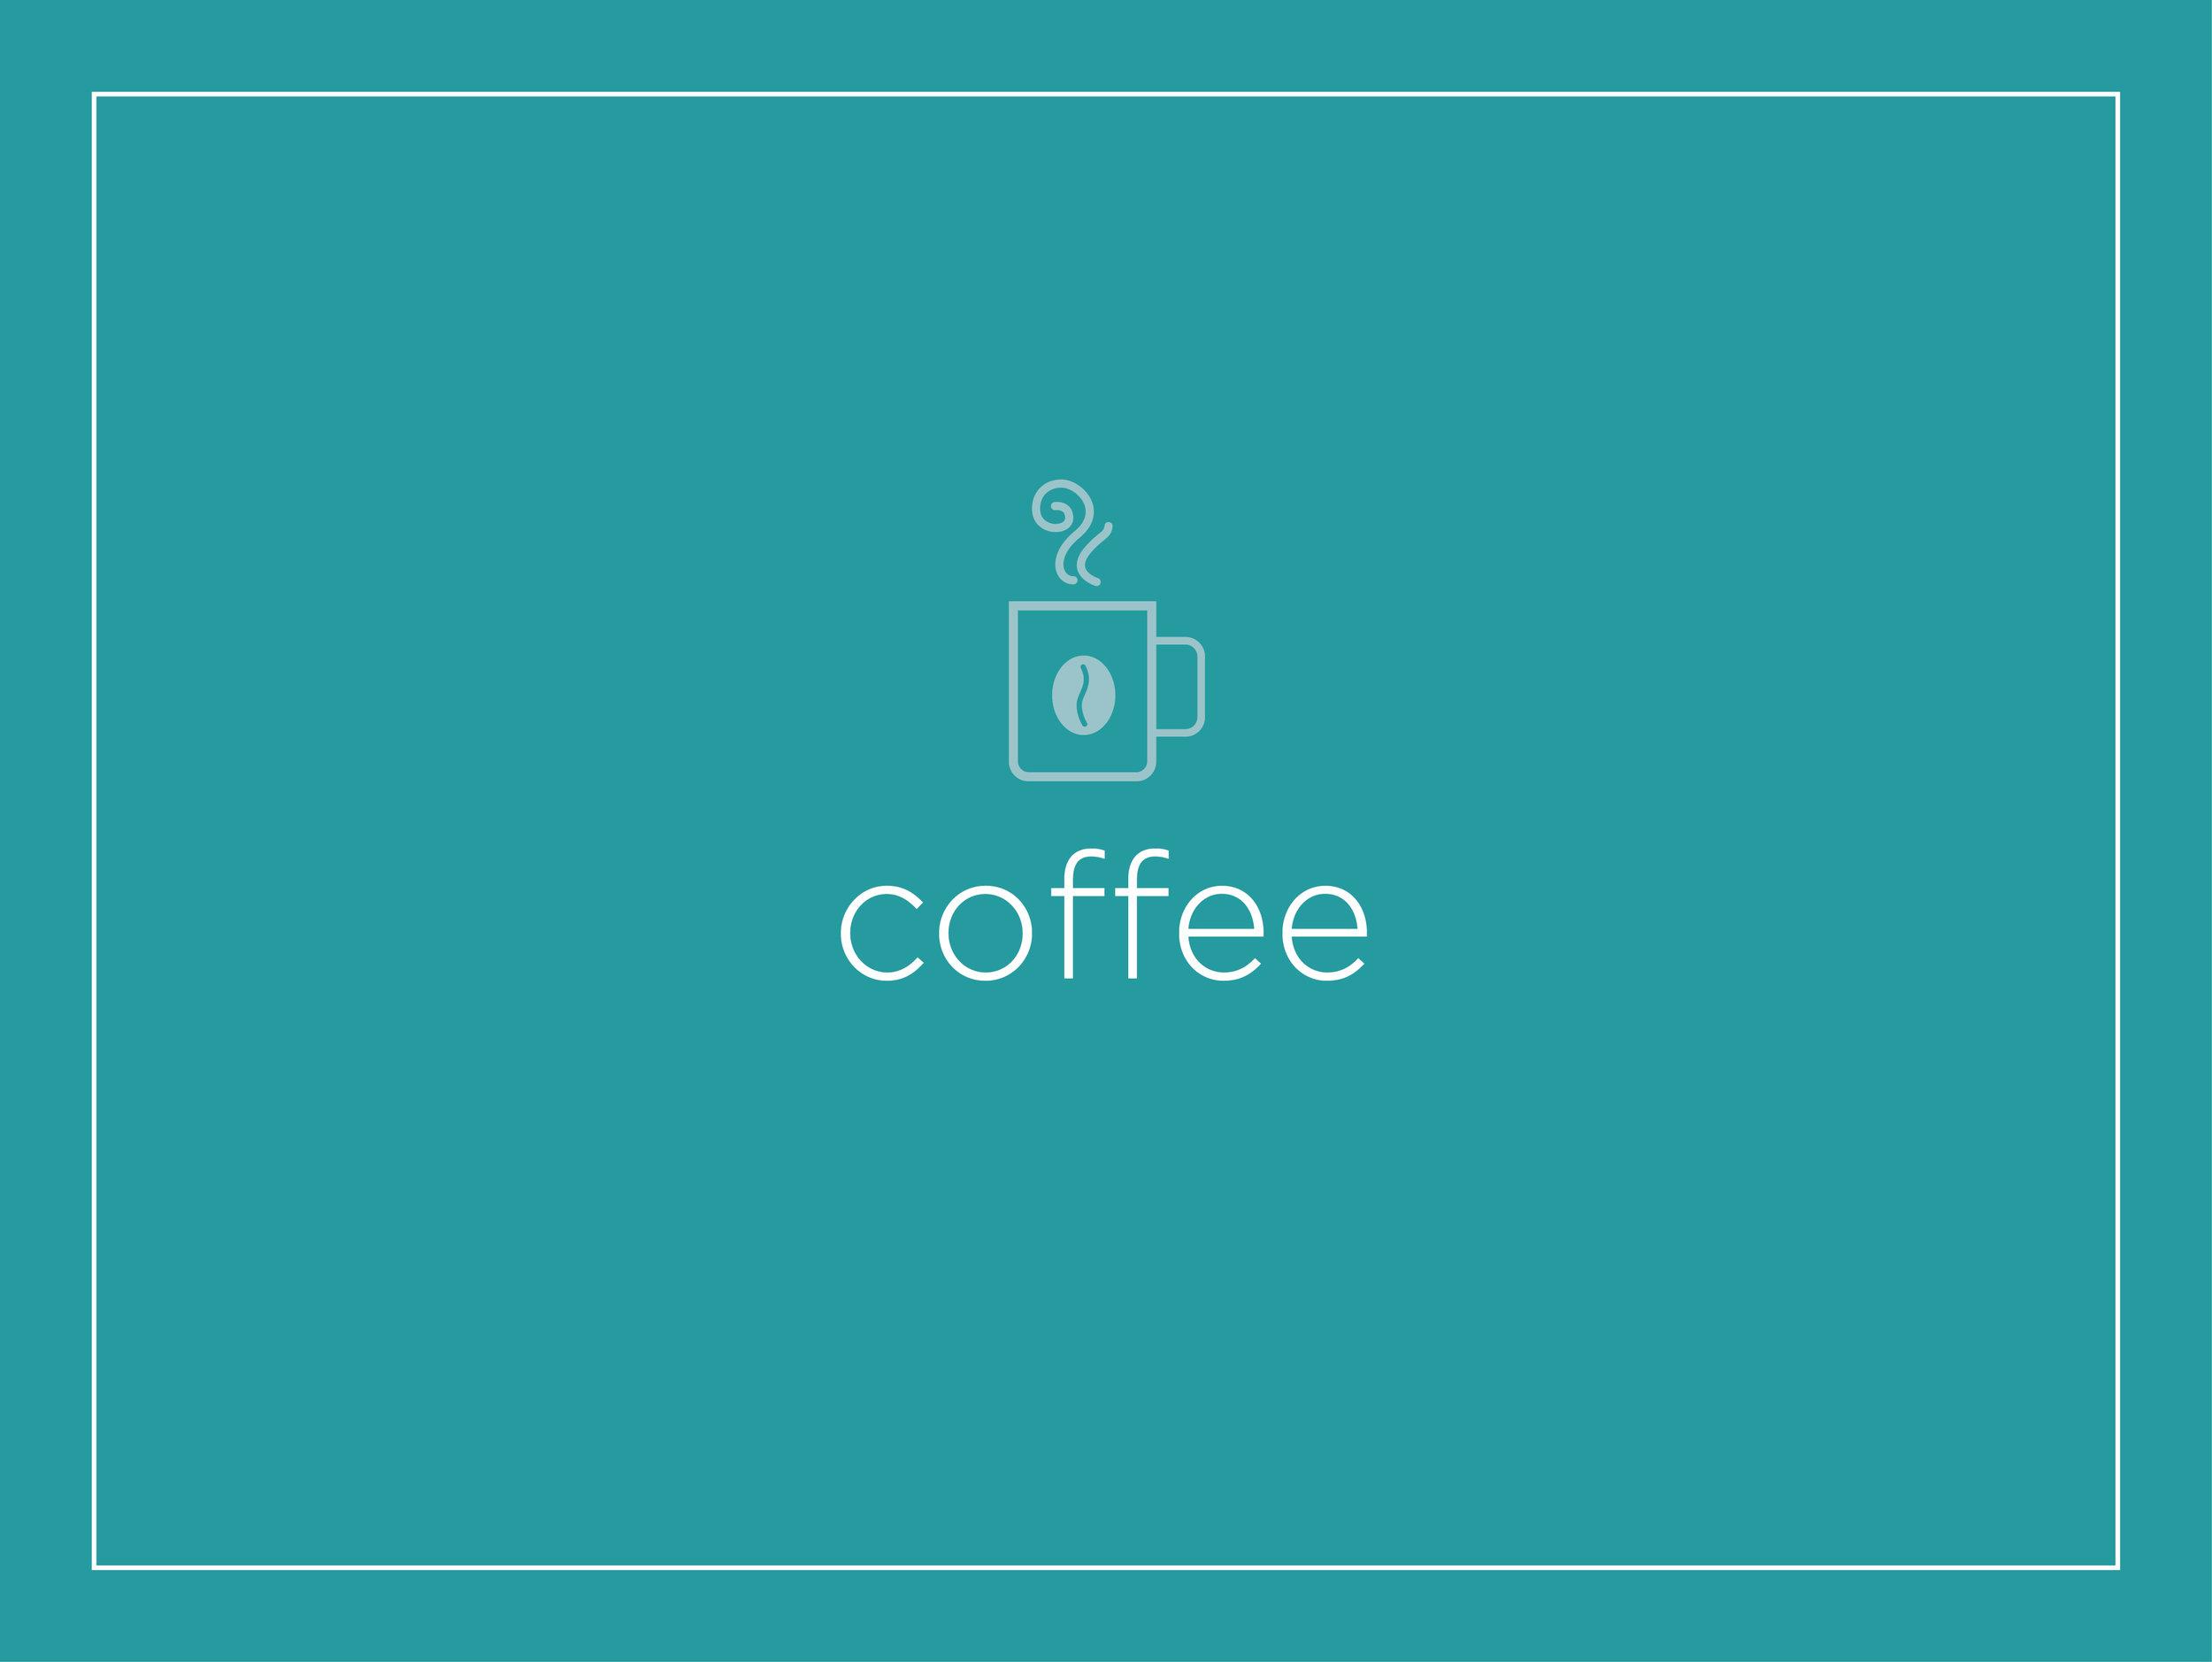 - brewed coffee: 1.65 | 1.80 | 2.03americano: 2.00 | 2.25 | 2.50café au lait: 2.75 | 3.25 | 3.75cappuccino:3.00 | 3.50 | 4.00shot in the dark: 2.75 | 3.25 | 3.75latte:3.00 | 3.50 | 4.00espresso: 1.70 | 2.00 | 2.30mocha: 3.25 | 3.75 | 4.25italian machiatto: 1.95 | 2.20 | 2.45white espresso: 3.25 | 3.75 | 4.25